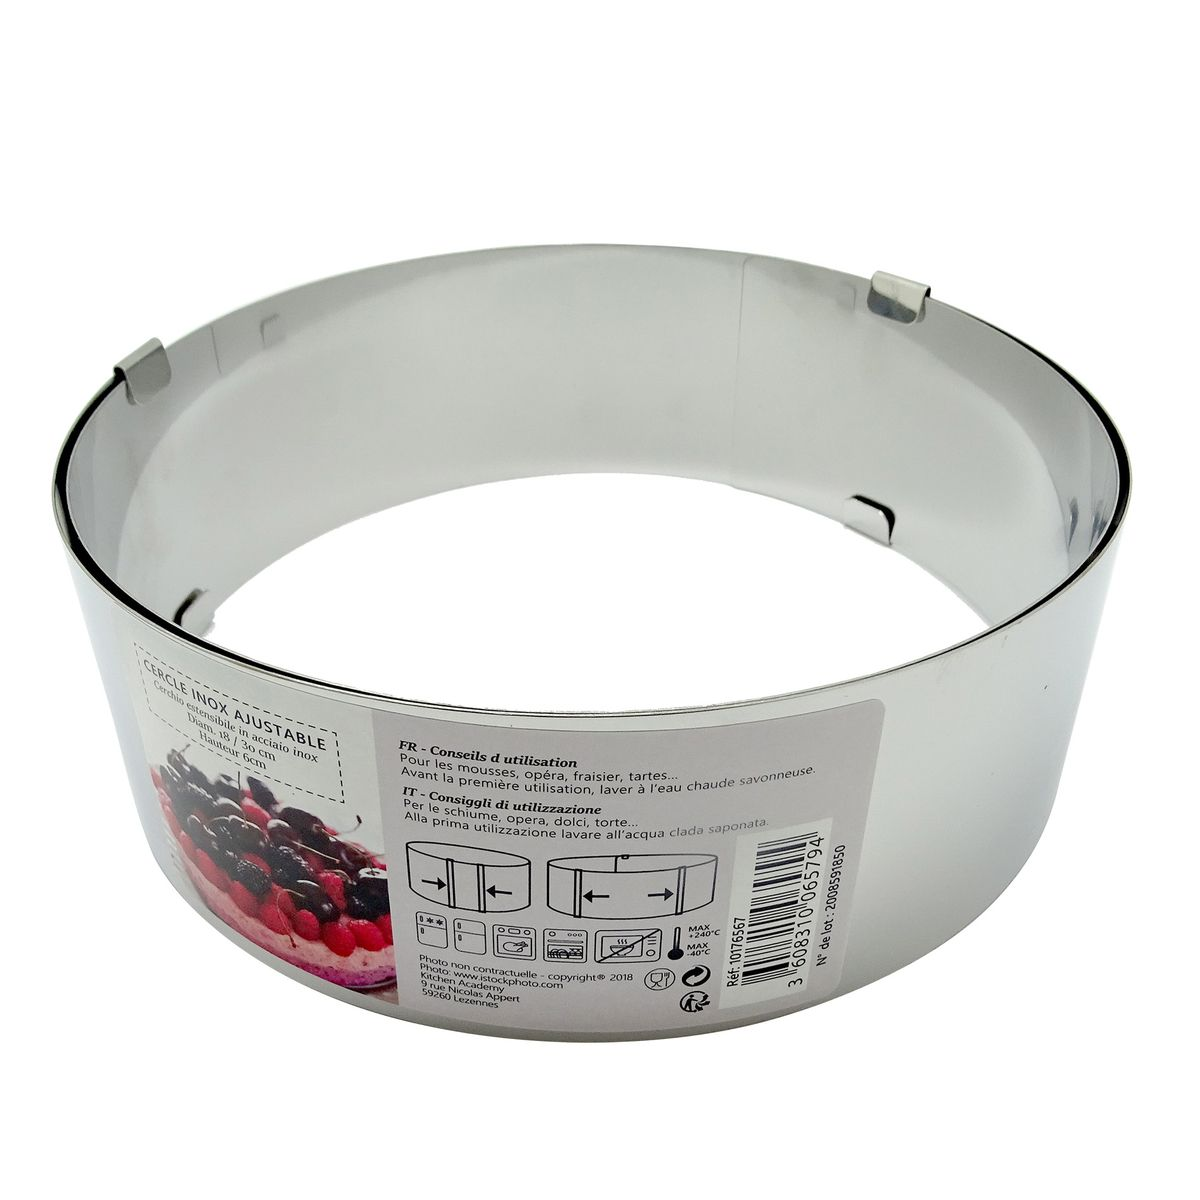 Cercle extensible inox diamètre de 8 à 16 cm et hauteur 8 cm - Zodio